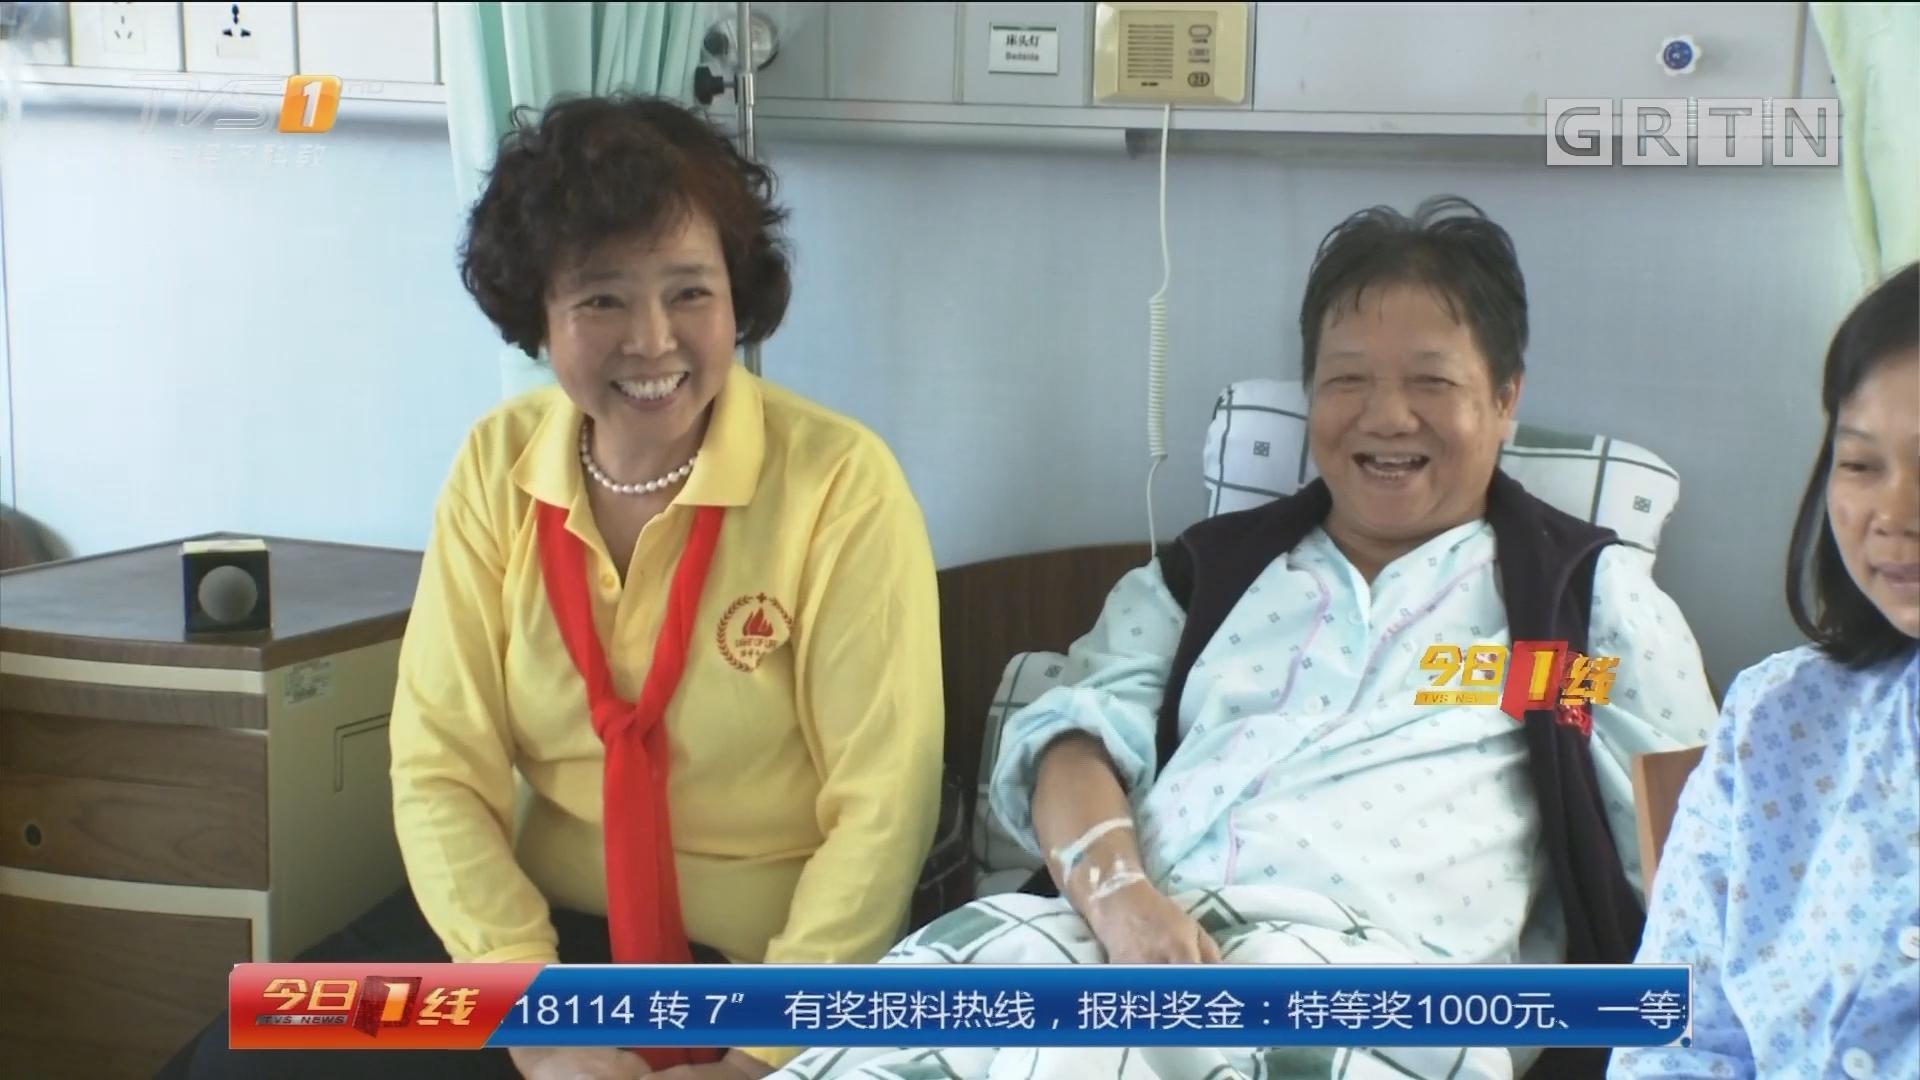 广州海珠区:抗癌20年 长者义工以行动感恩